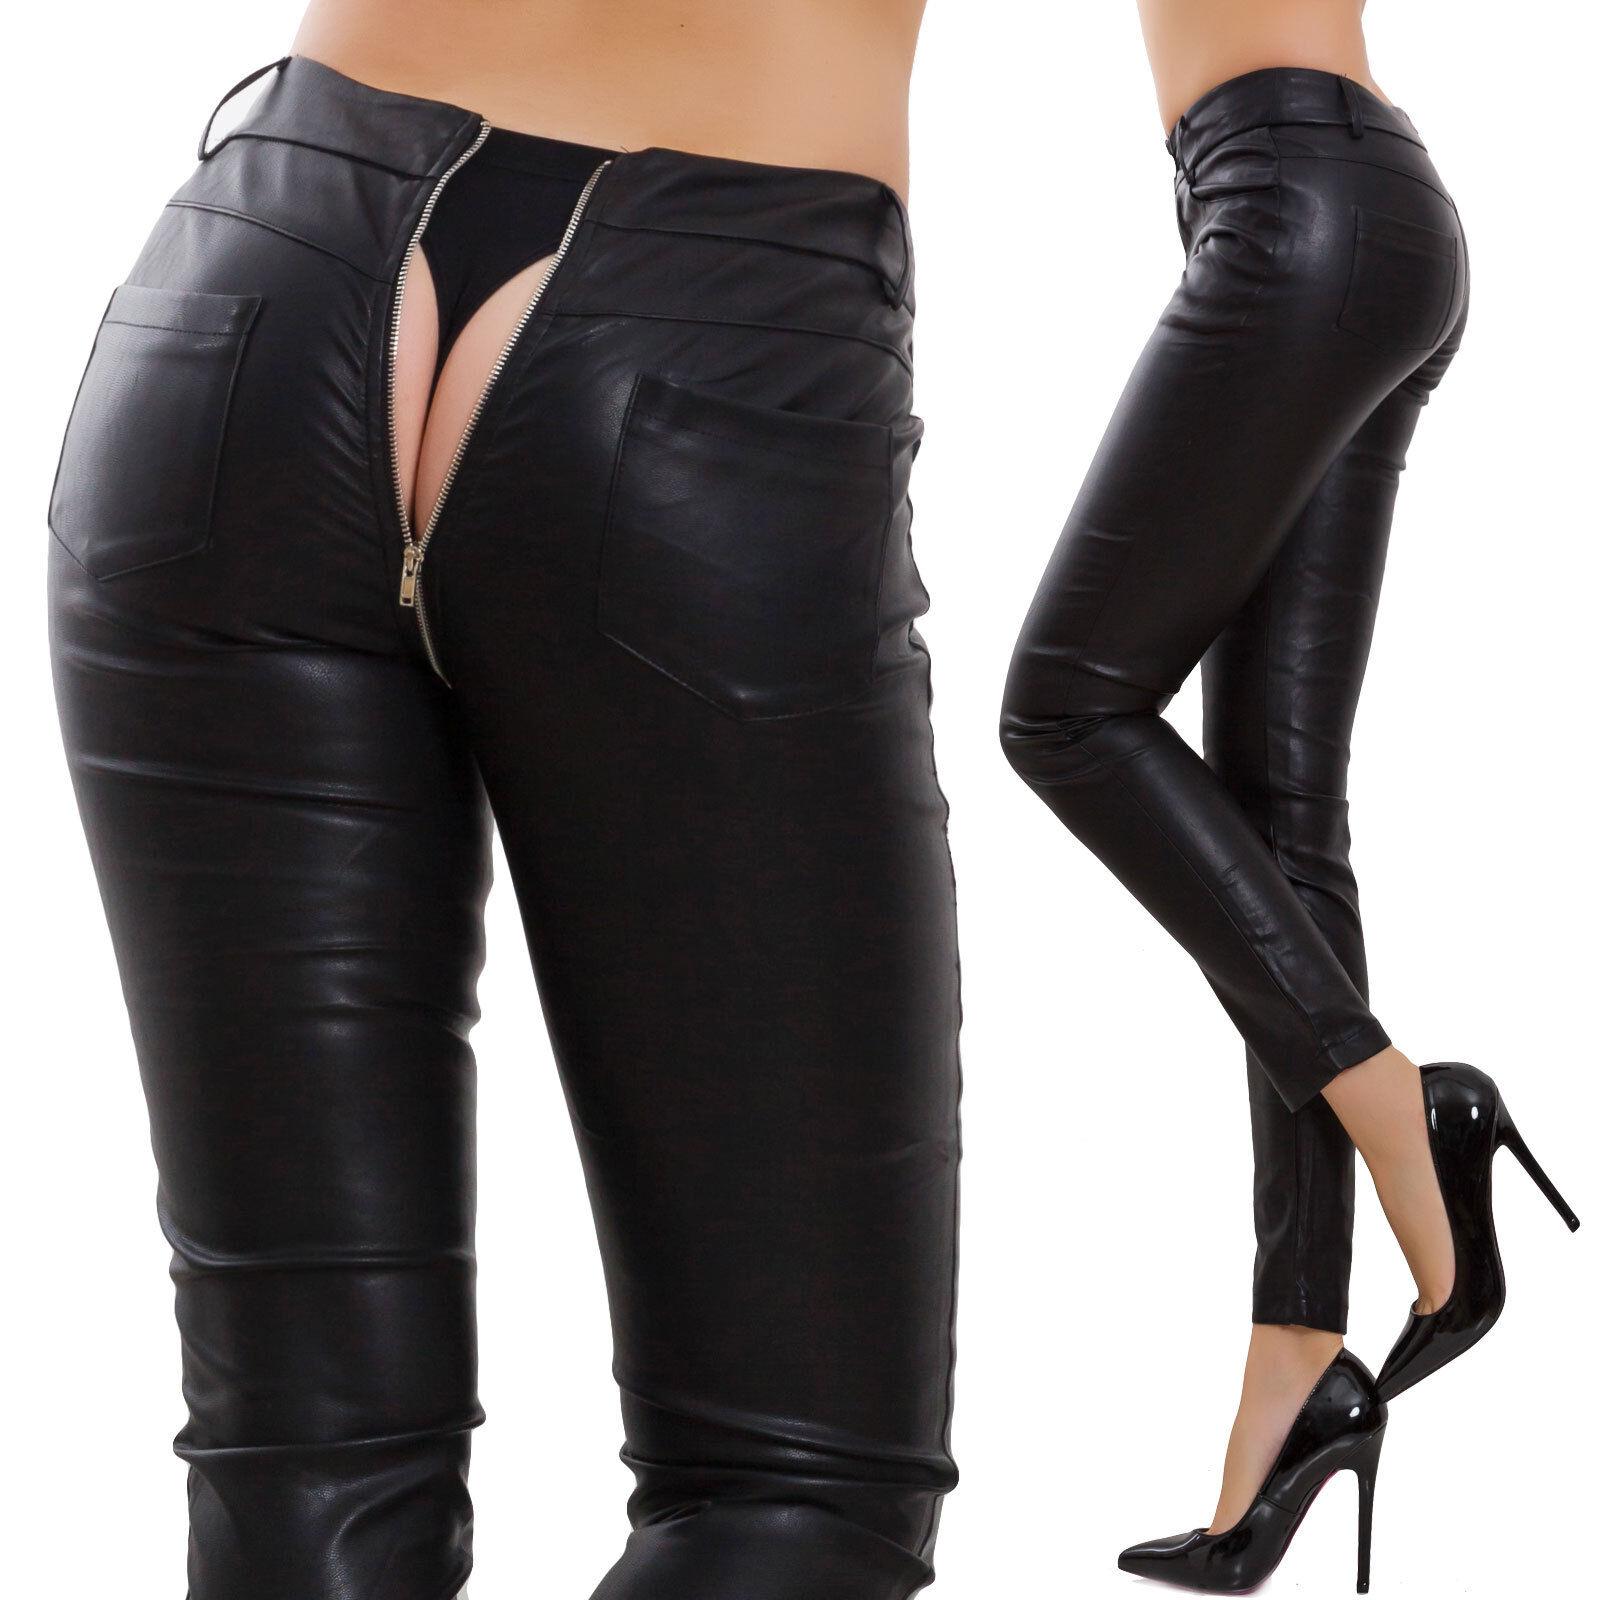 Pantalones de women ecopiel polipiel cremallera cremallera trasero